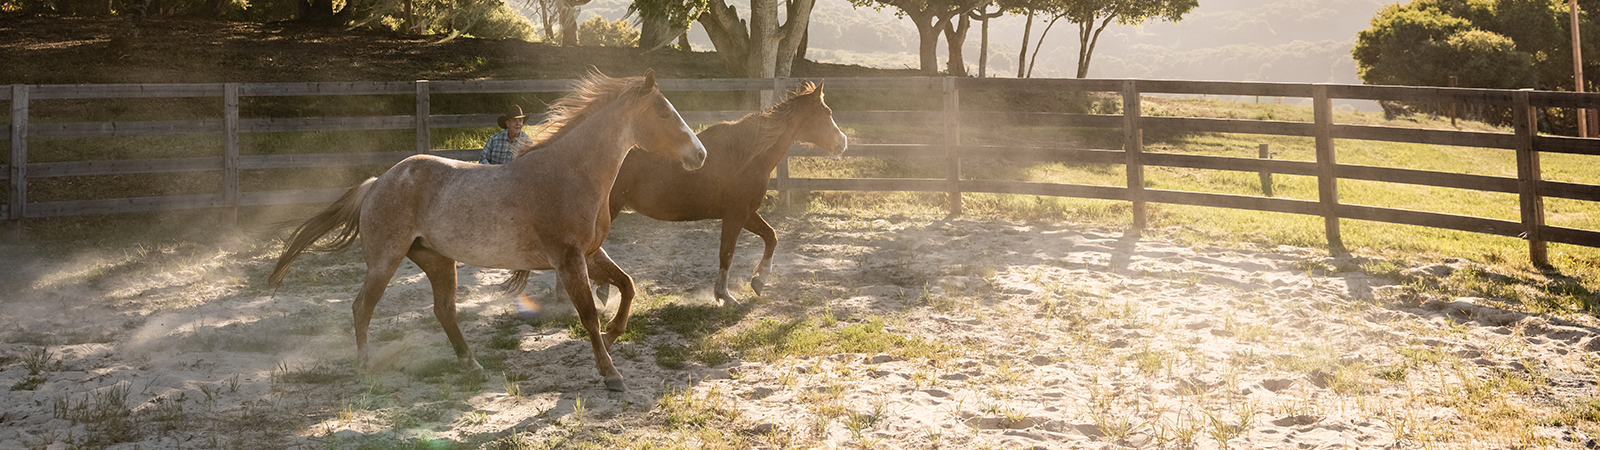 Equine Experiences